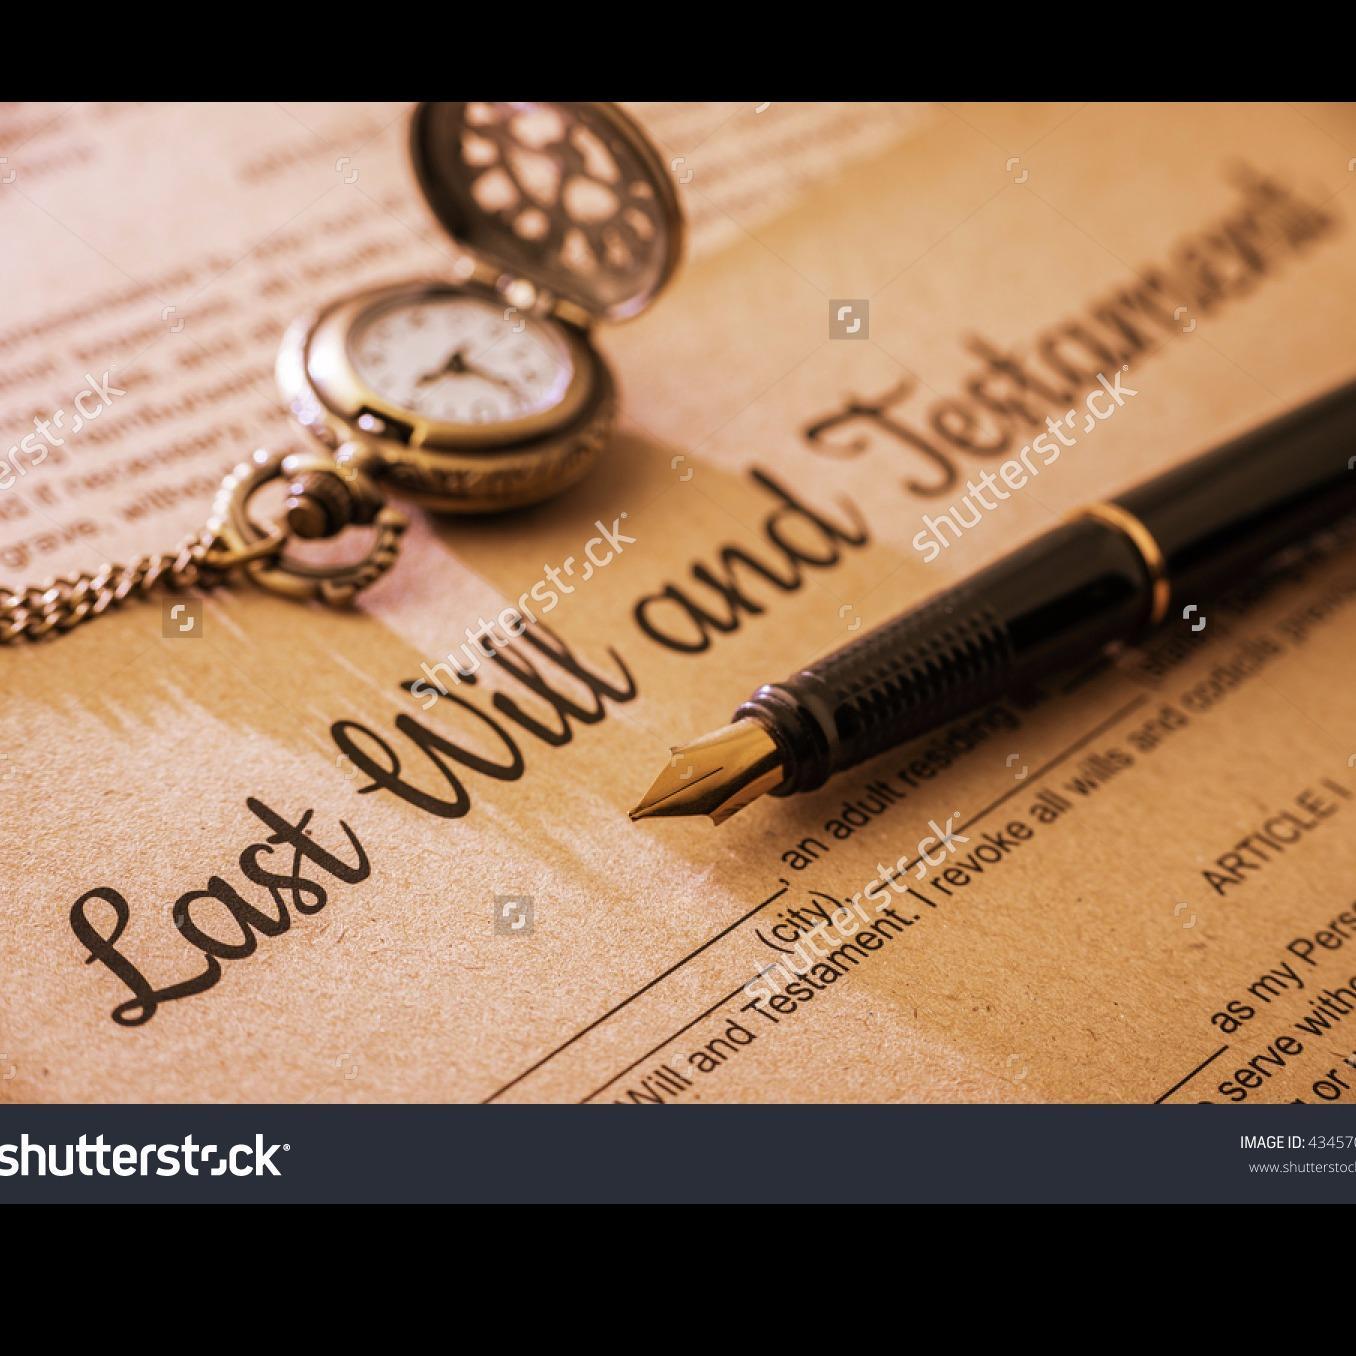 Edward Wacks & Associates, LLC t/a Wacks DeBona Beilin & Weber Attorneys